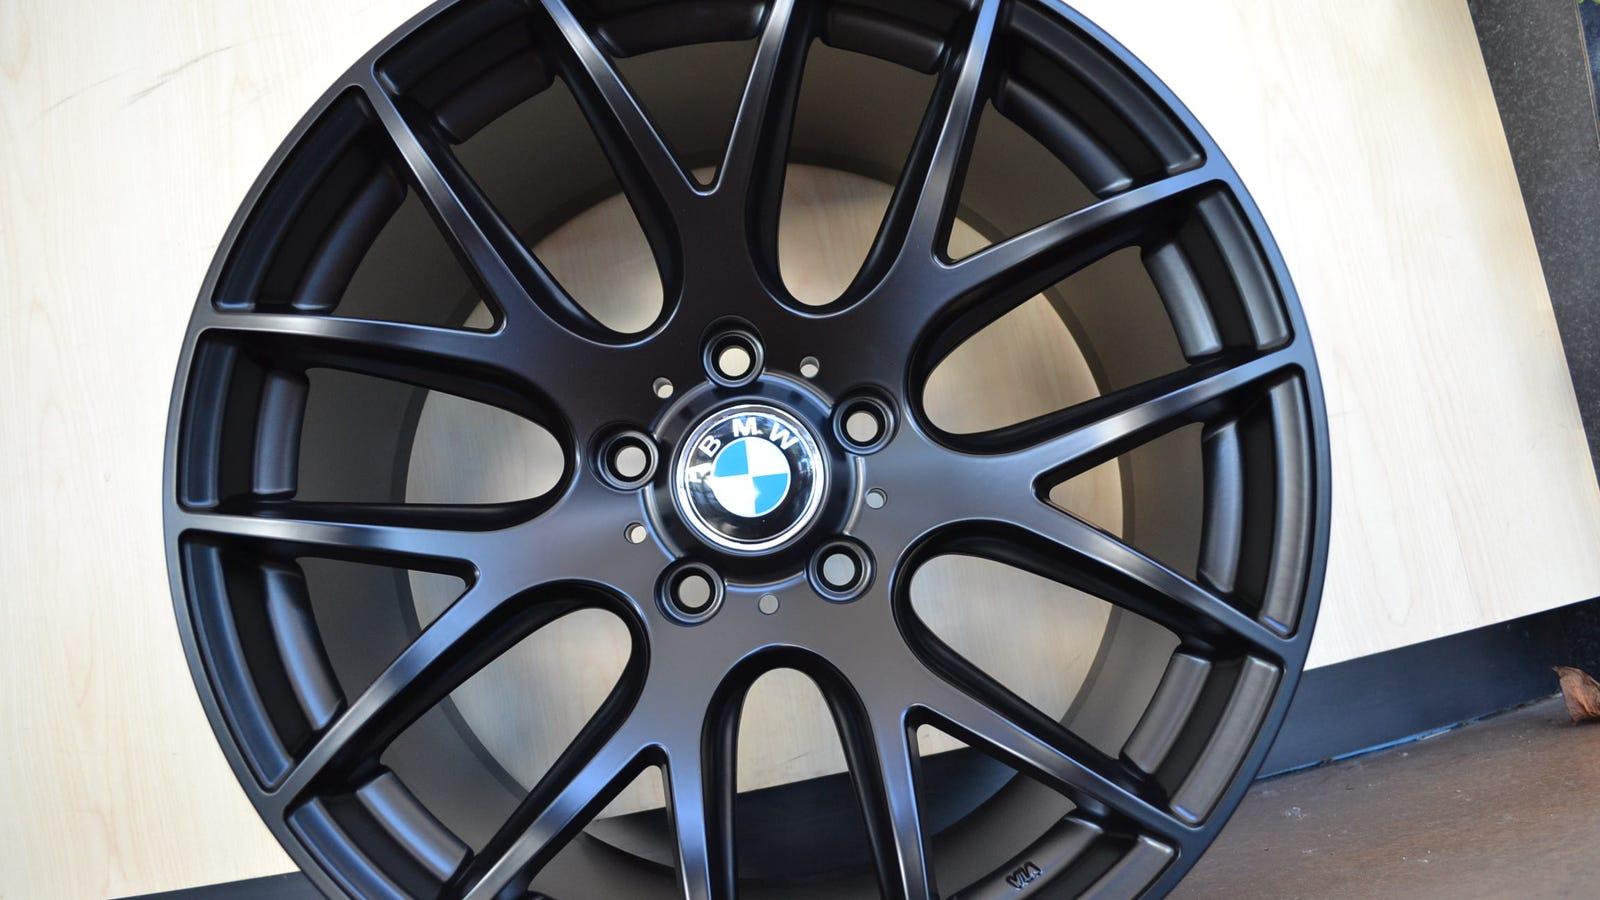 Oem Bmw Wheels >> What are the best looking OEM wheels.